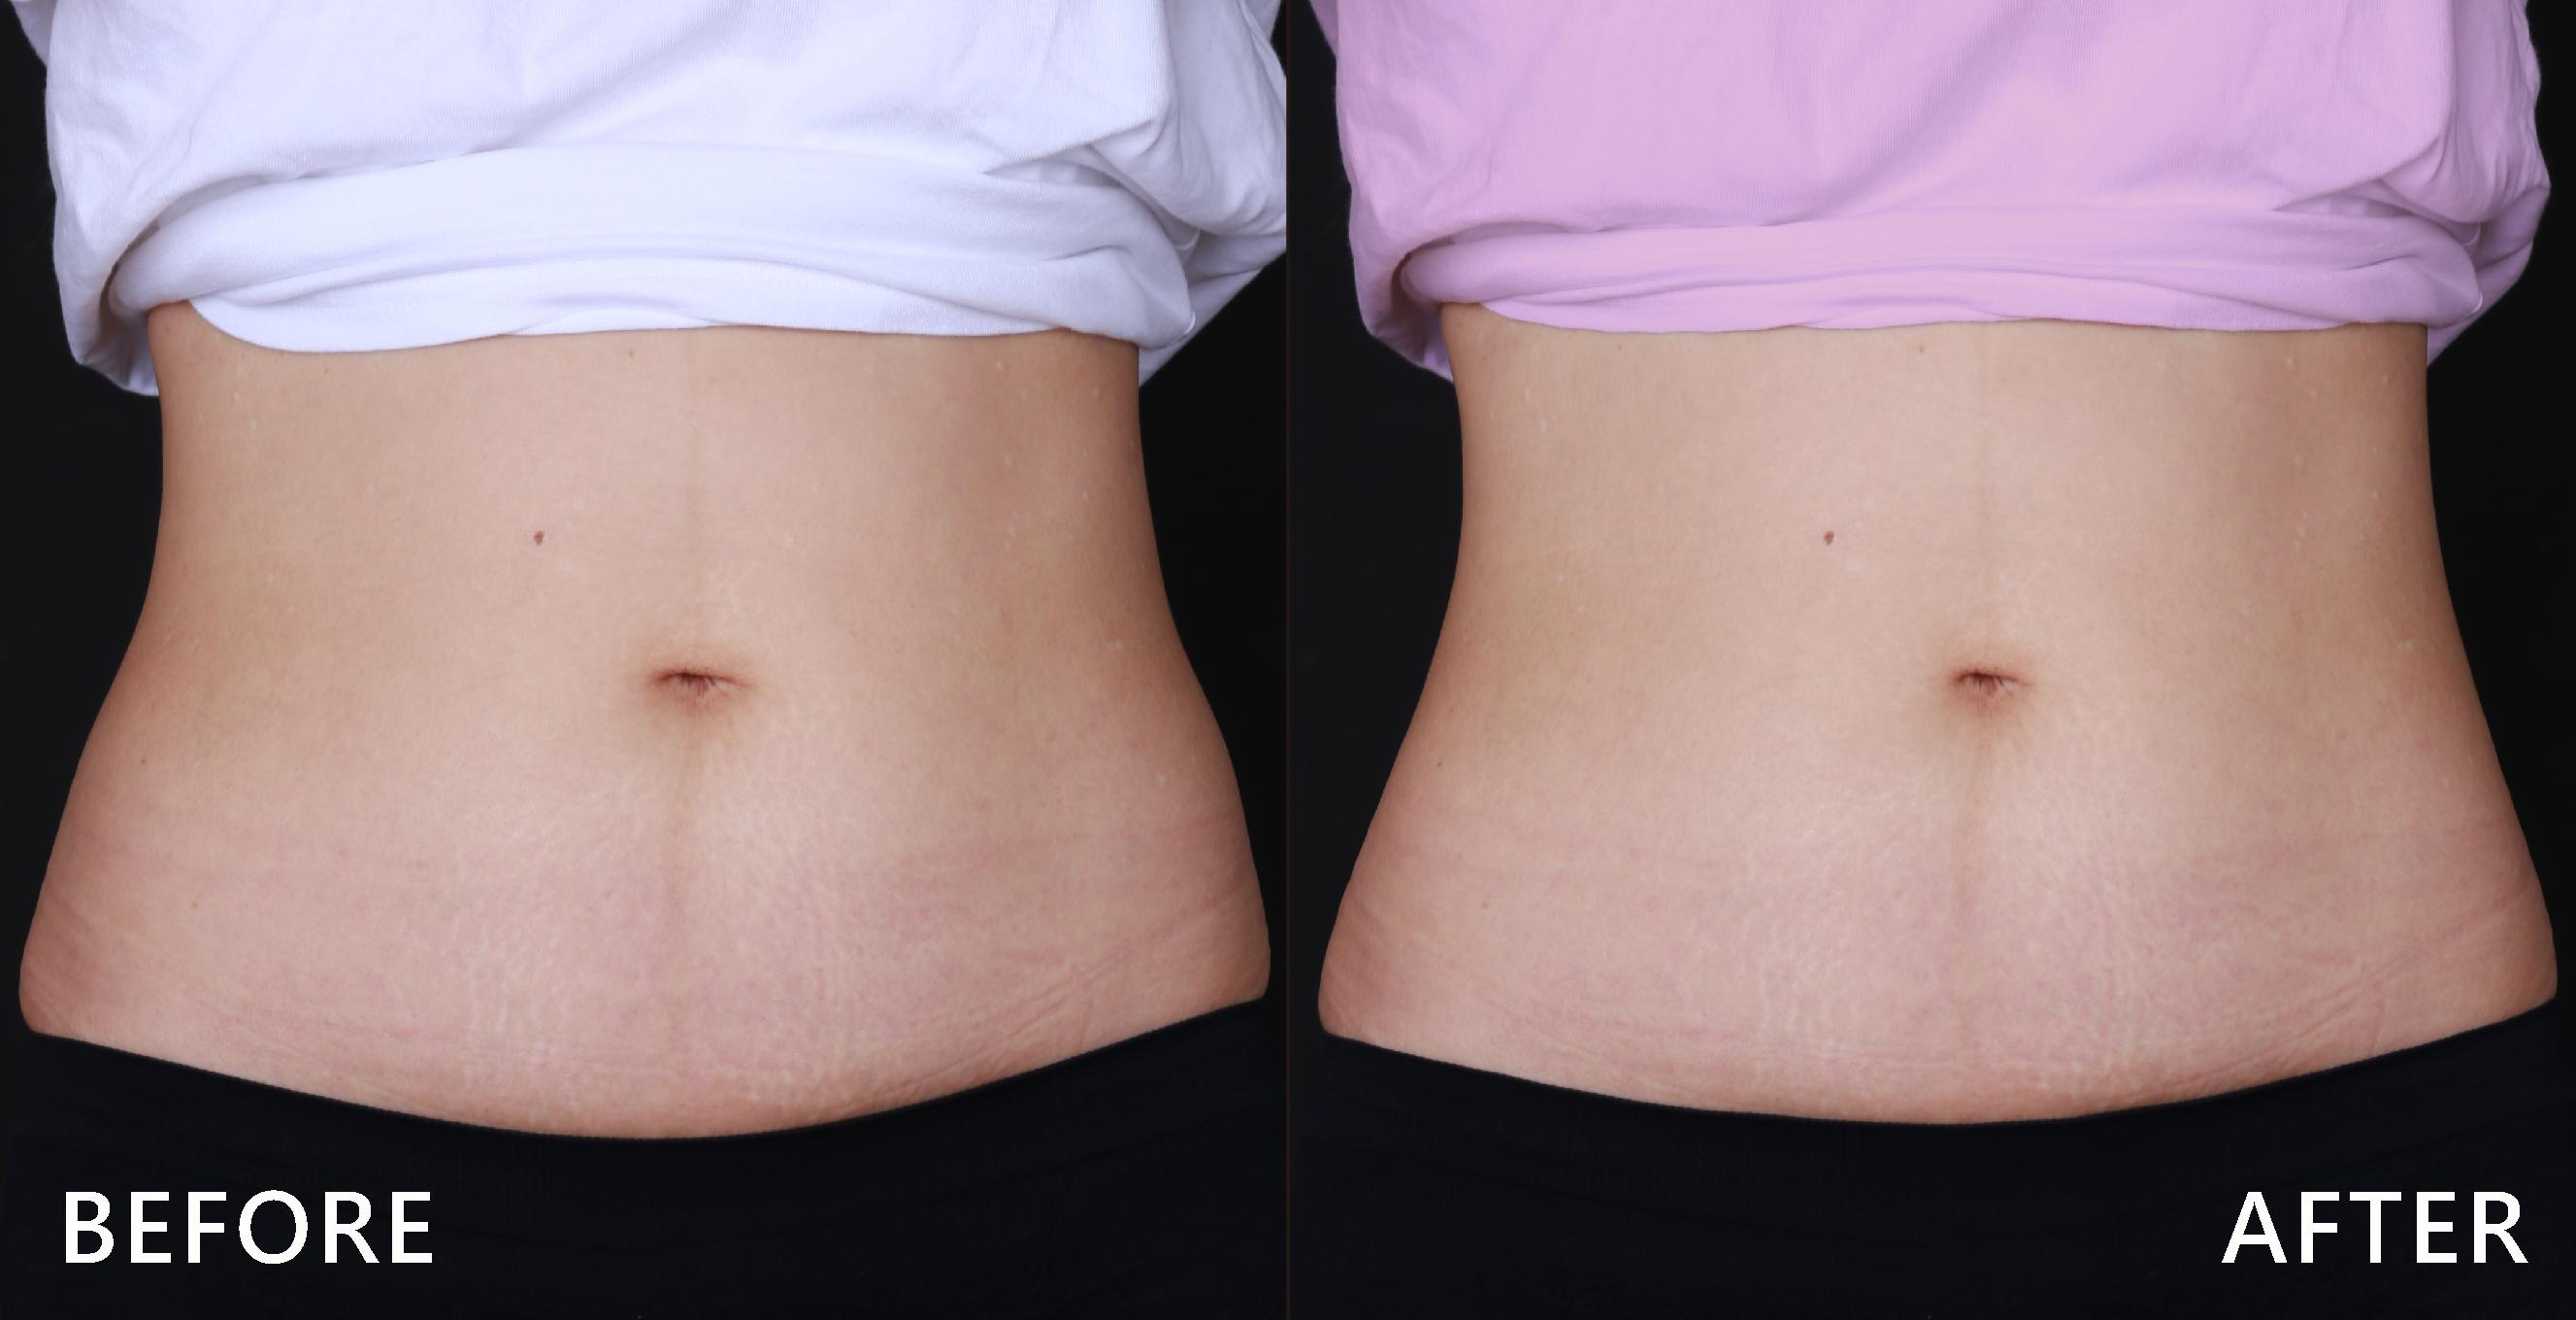 腰臀曲線不直順,略微馬鞍肉,經由酷塑冷凍減脂治療之下後腰線變明顯了,性感加分!(效果因個案而異)